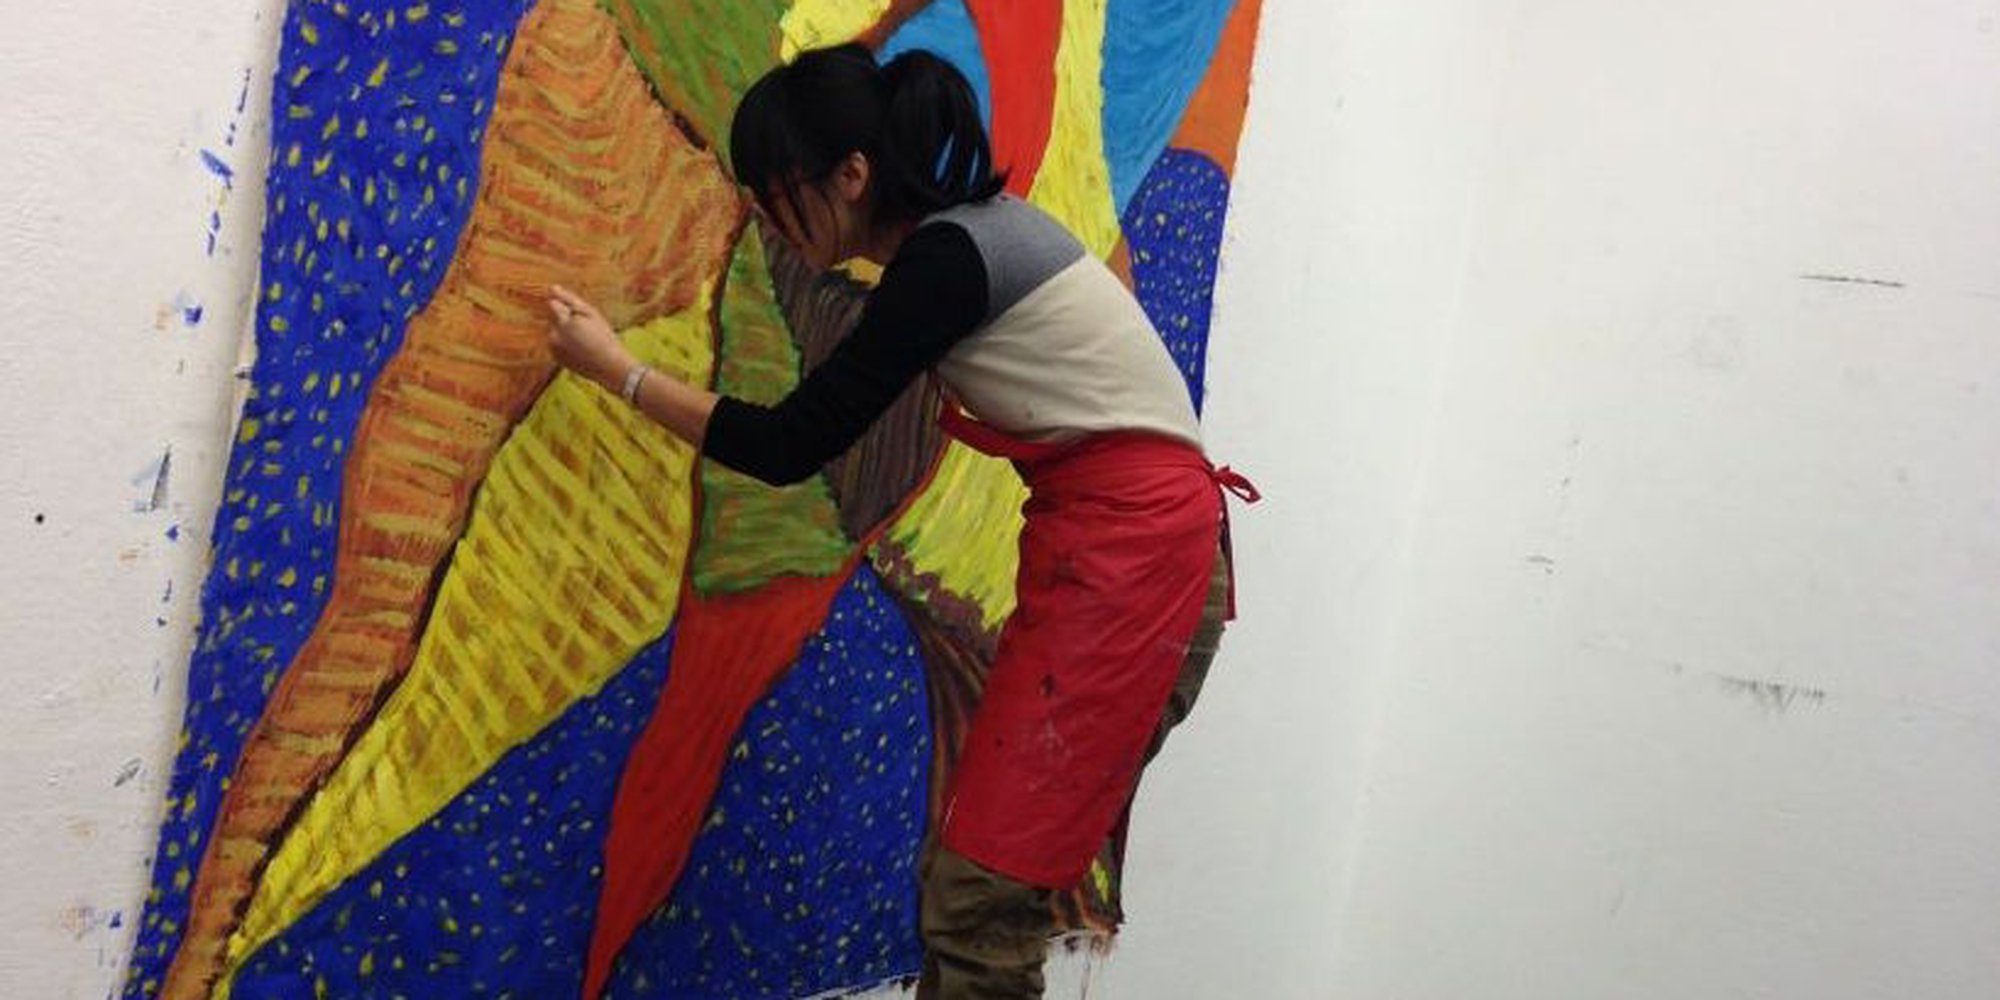 Artfinder Meets: Ping Zheng